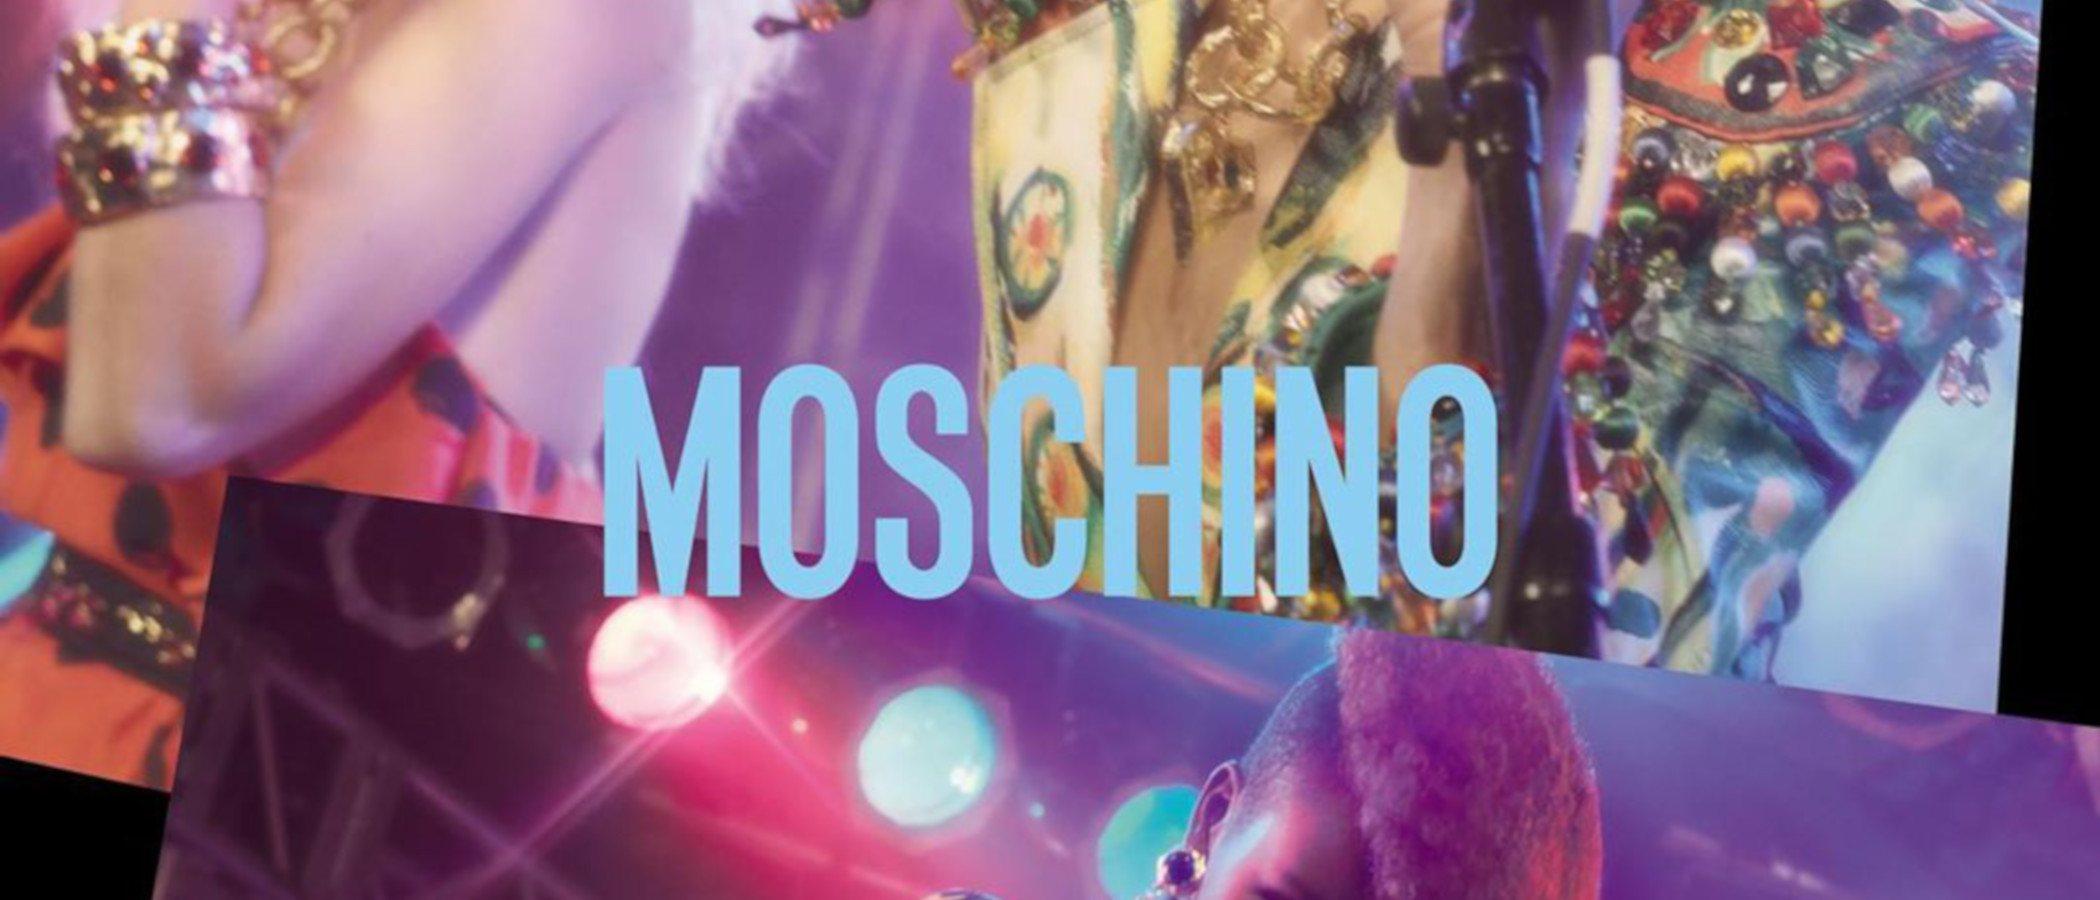 Moschino, las hermanas Hadid y Kaia Gerber crean una espectacular campaña